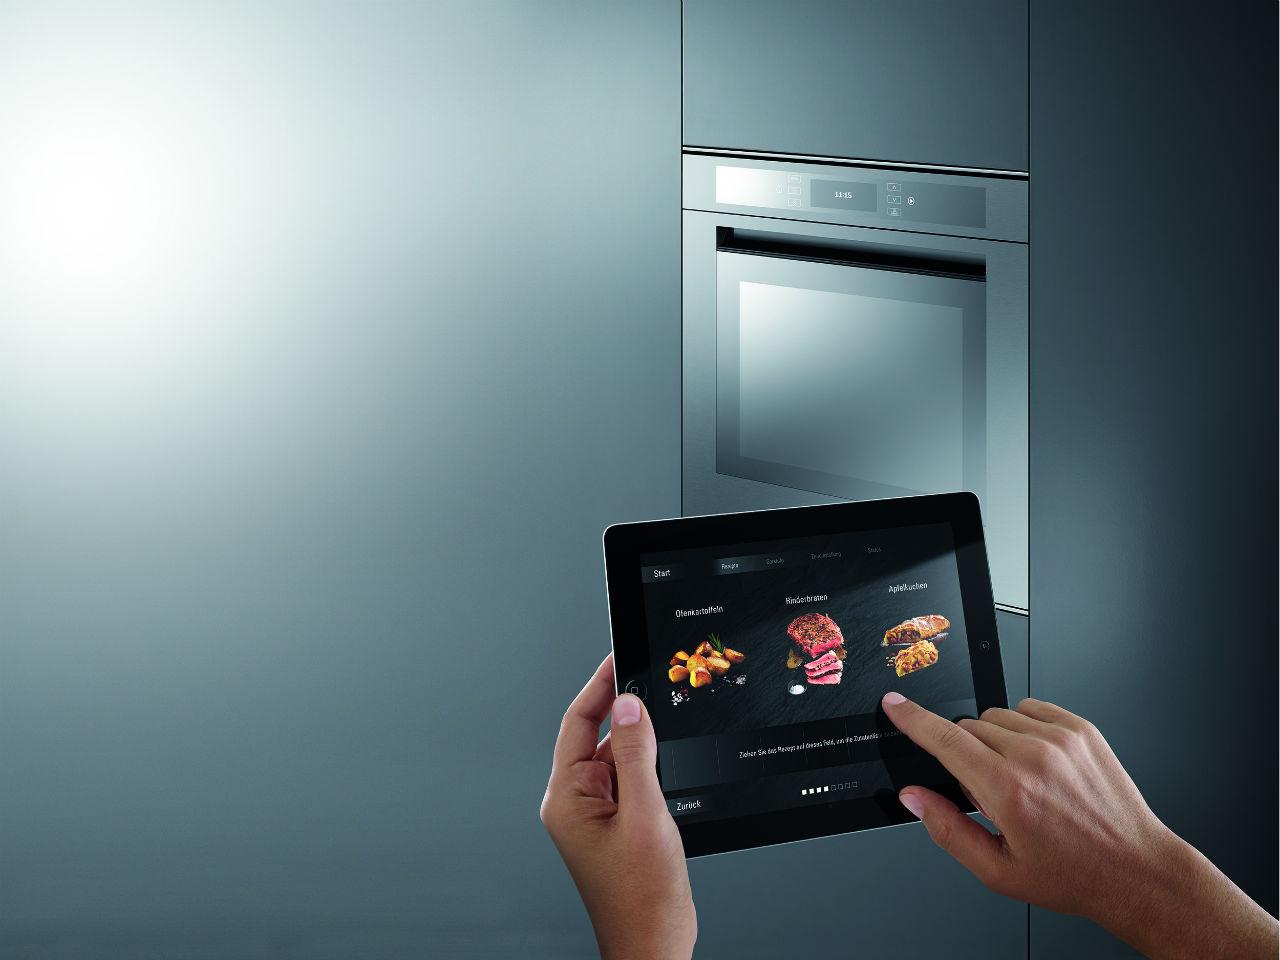 """Die """"B Live"""" – Technologie von Bauknecht. Damit können Haushaltsgeräte mobil über Smartphones oder Tablets gesteuert werden. Quelle: http://www.presse-bauknecht.de"""